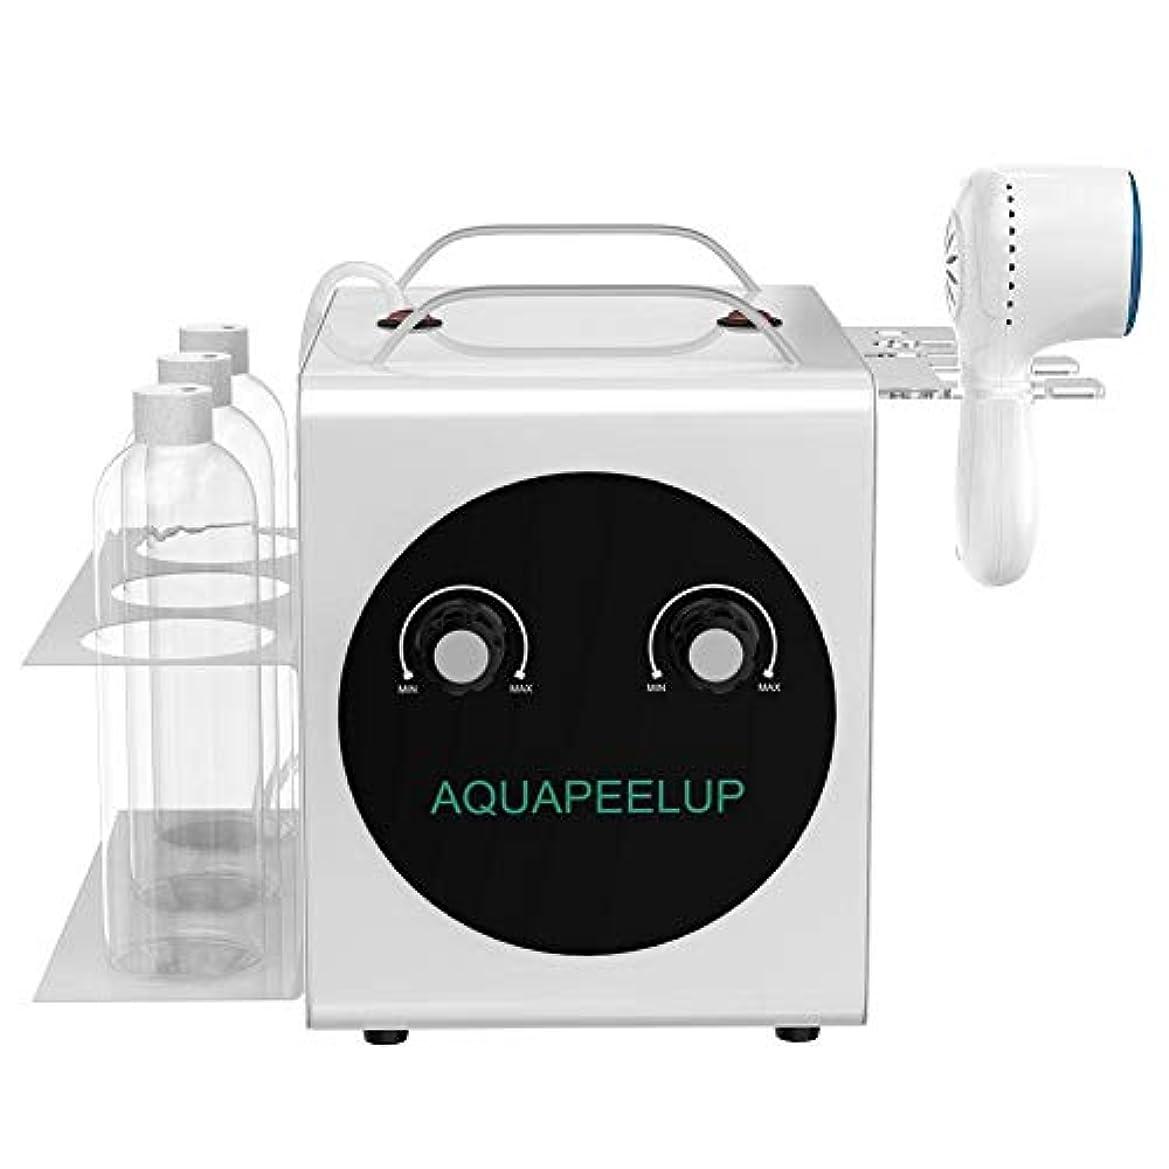 ヘクタール飽和するエクステント酸素注入機、効果的に深い気泡と滑らかなしわ、白くなり柔らかい毛穴の洗浄機(US-PLUG)